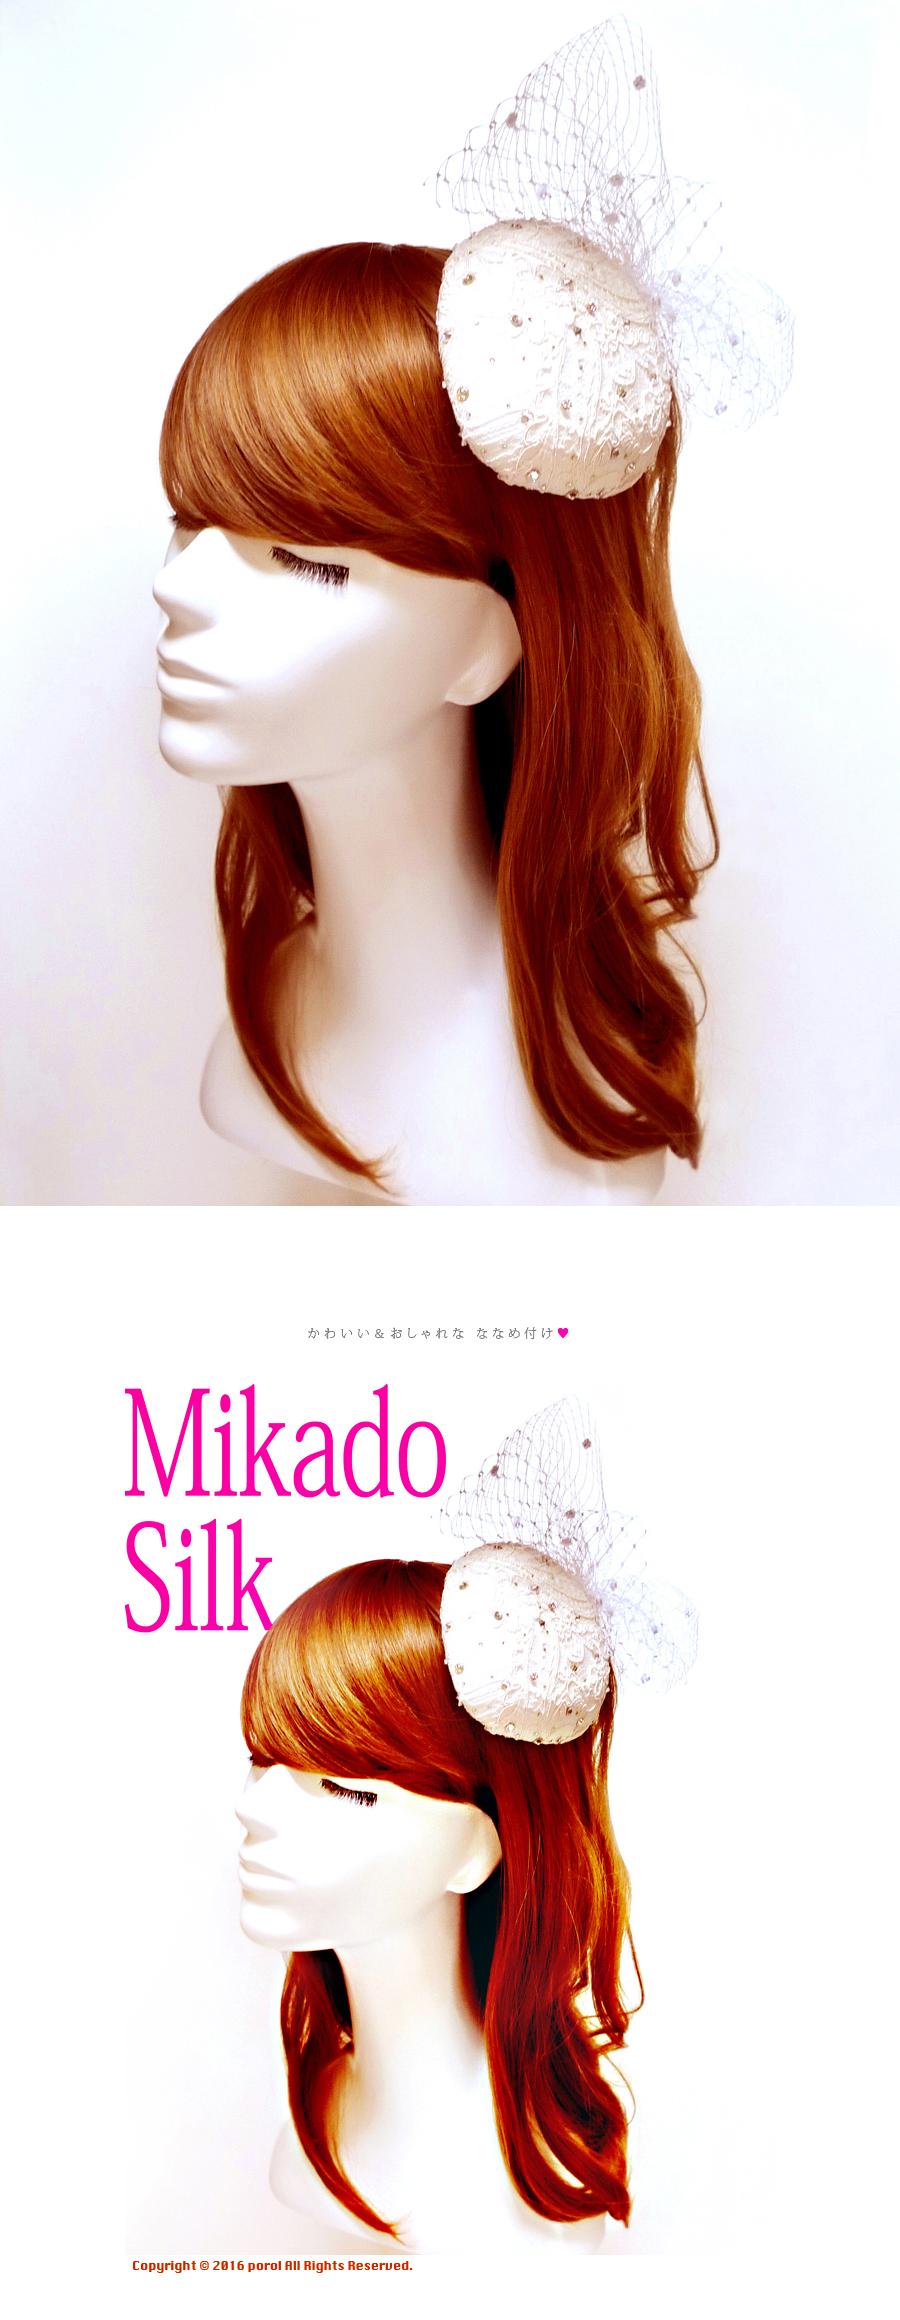 ★9  ミカドシルク 【絹Silk100%】 カクテルハット ヘッドドレス ウェディング 1.jpg